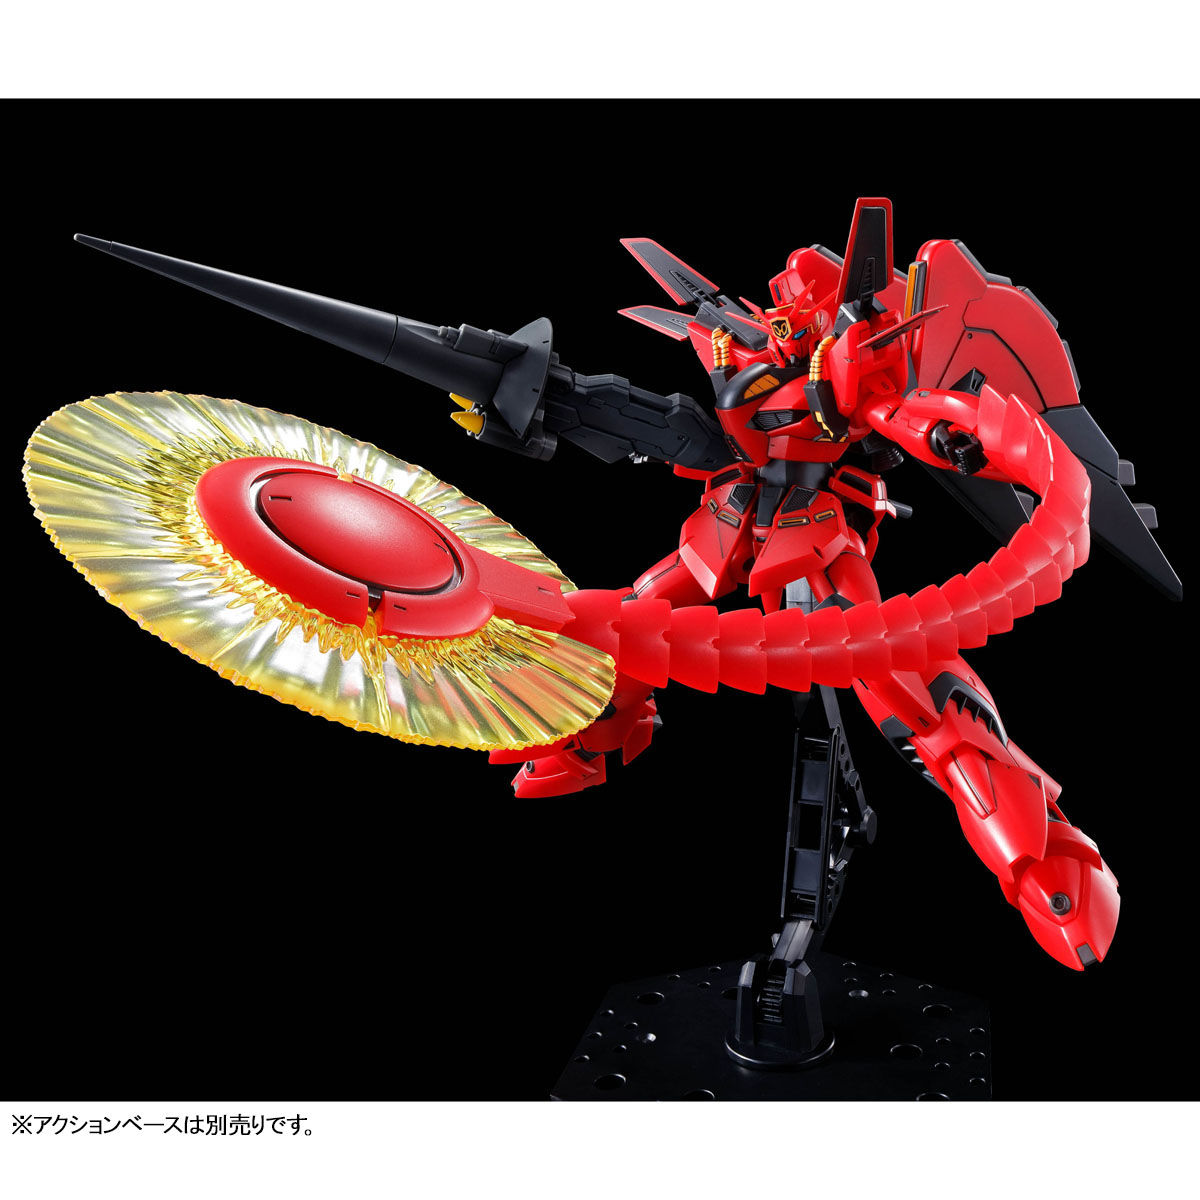 【限定販売】RE/100『ビギナ・ギナII(木星決戦仕様)』1/100 プラモデル-006